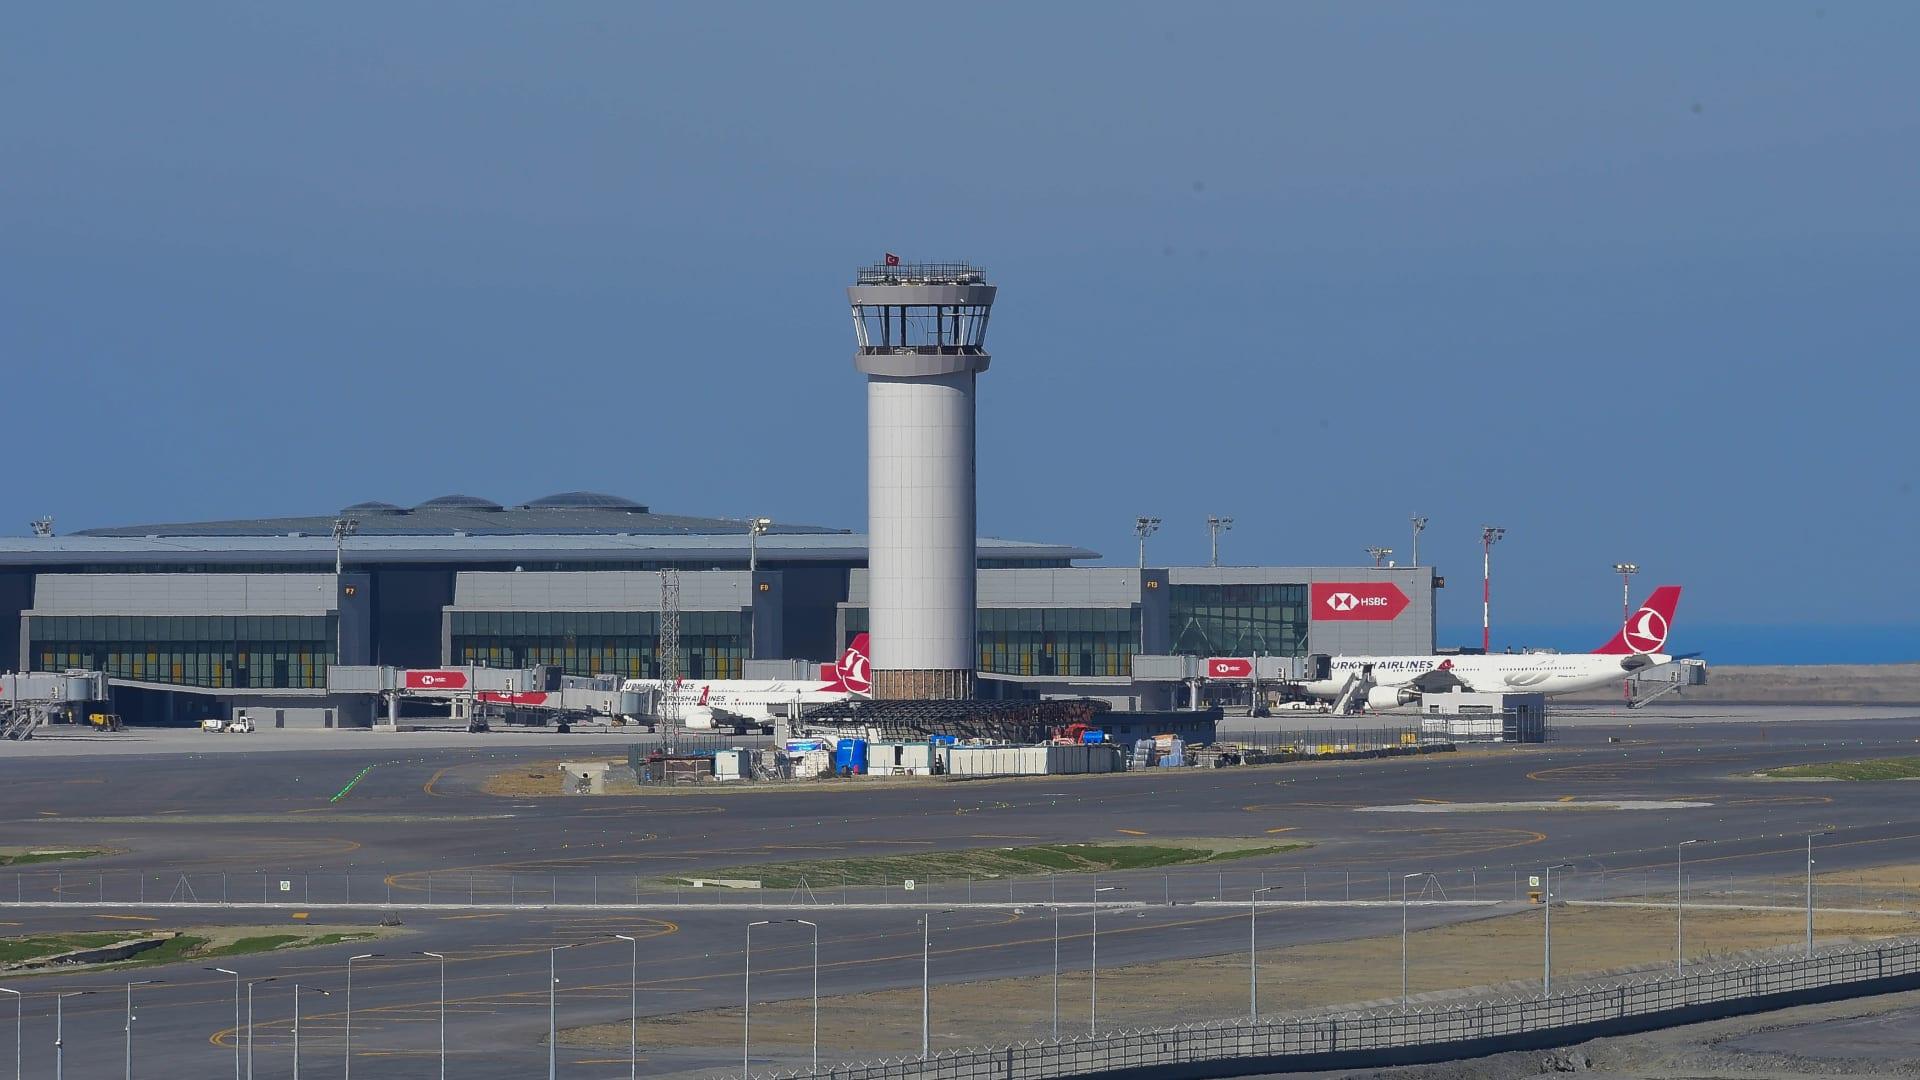 عند الانتهاء من بنائه، سيتصل المطار بمترو وقطار سريع أيضاً.